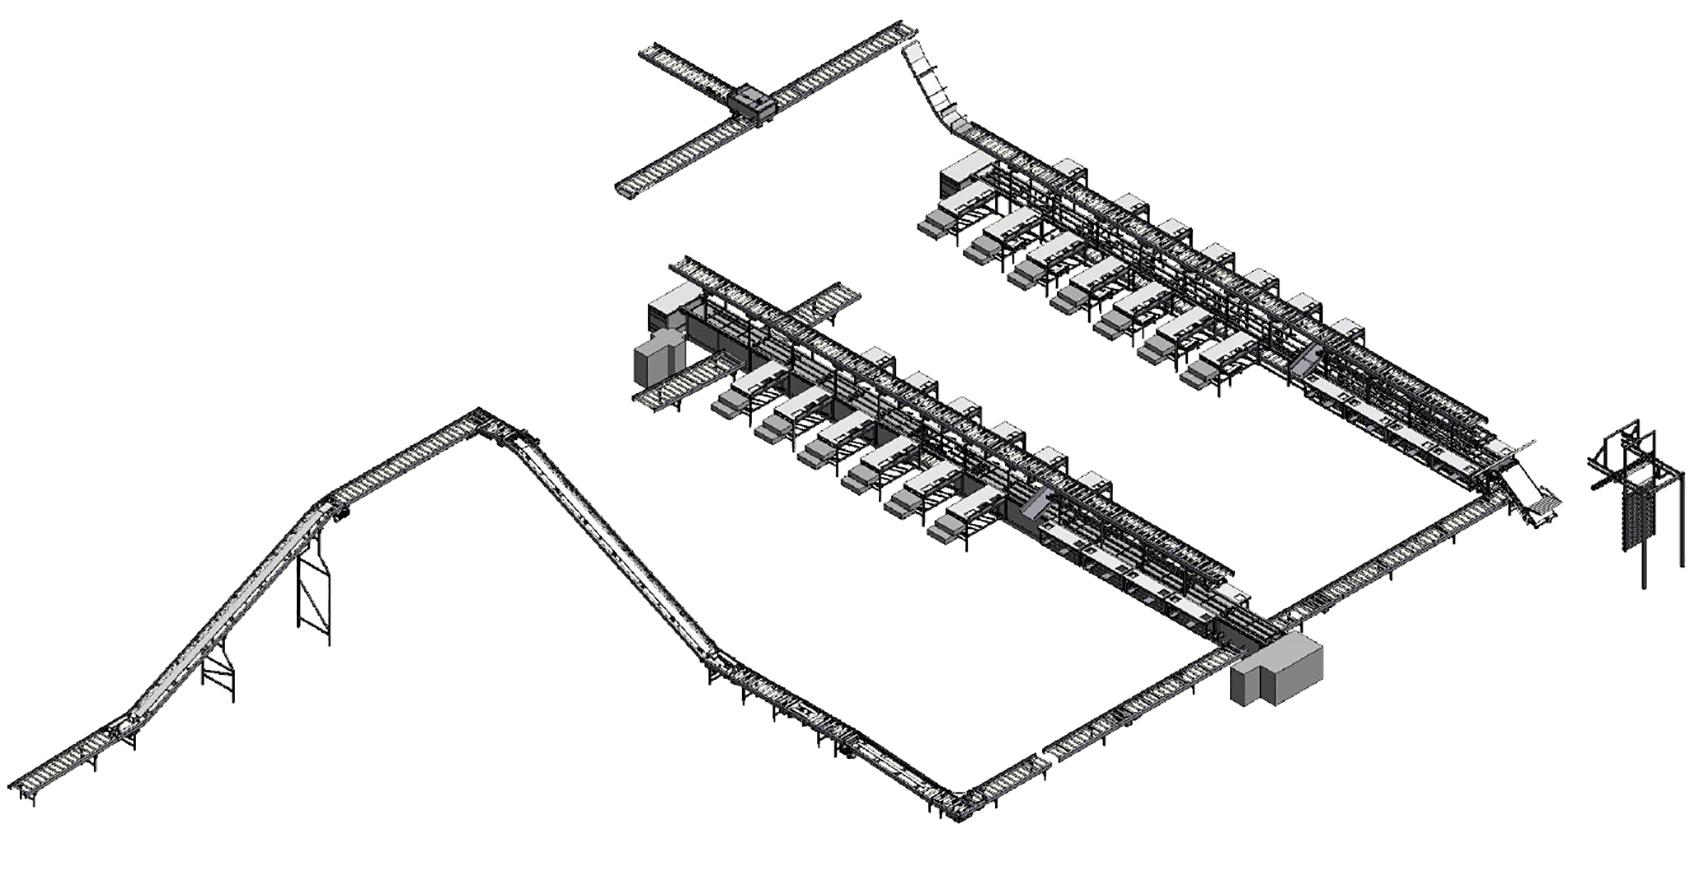 mesos-ispjaustymo-gamybos-projektas-ispjaustymo-linija